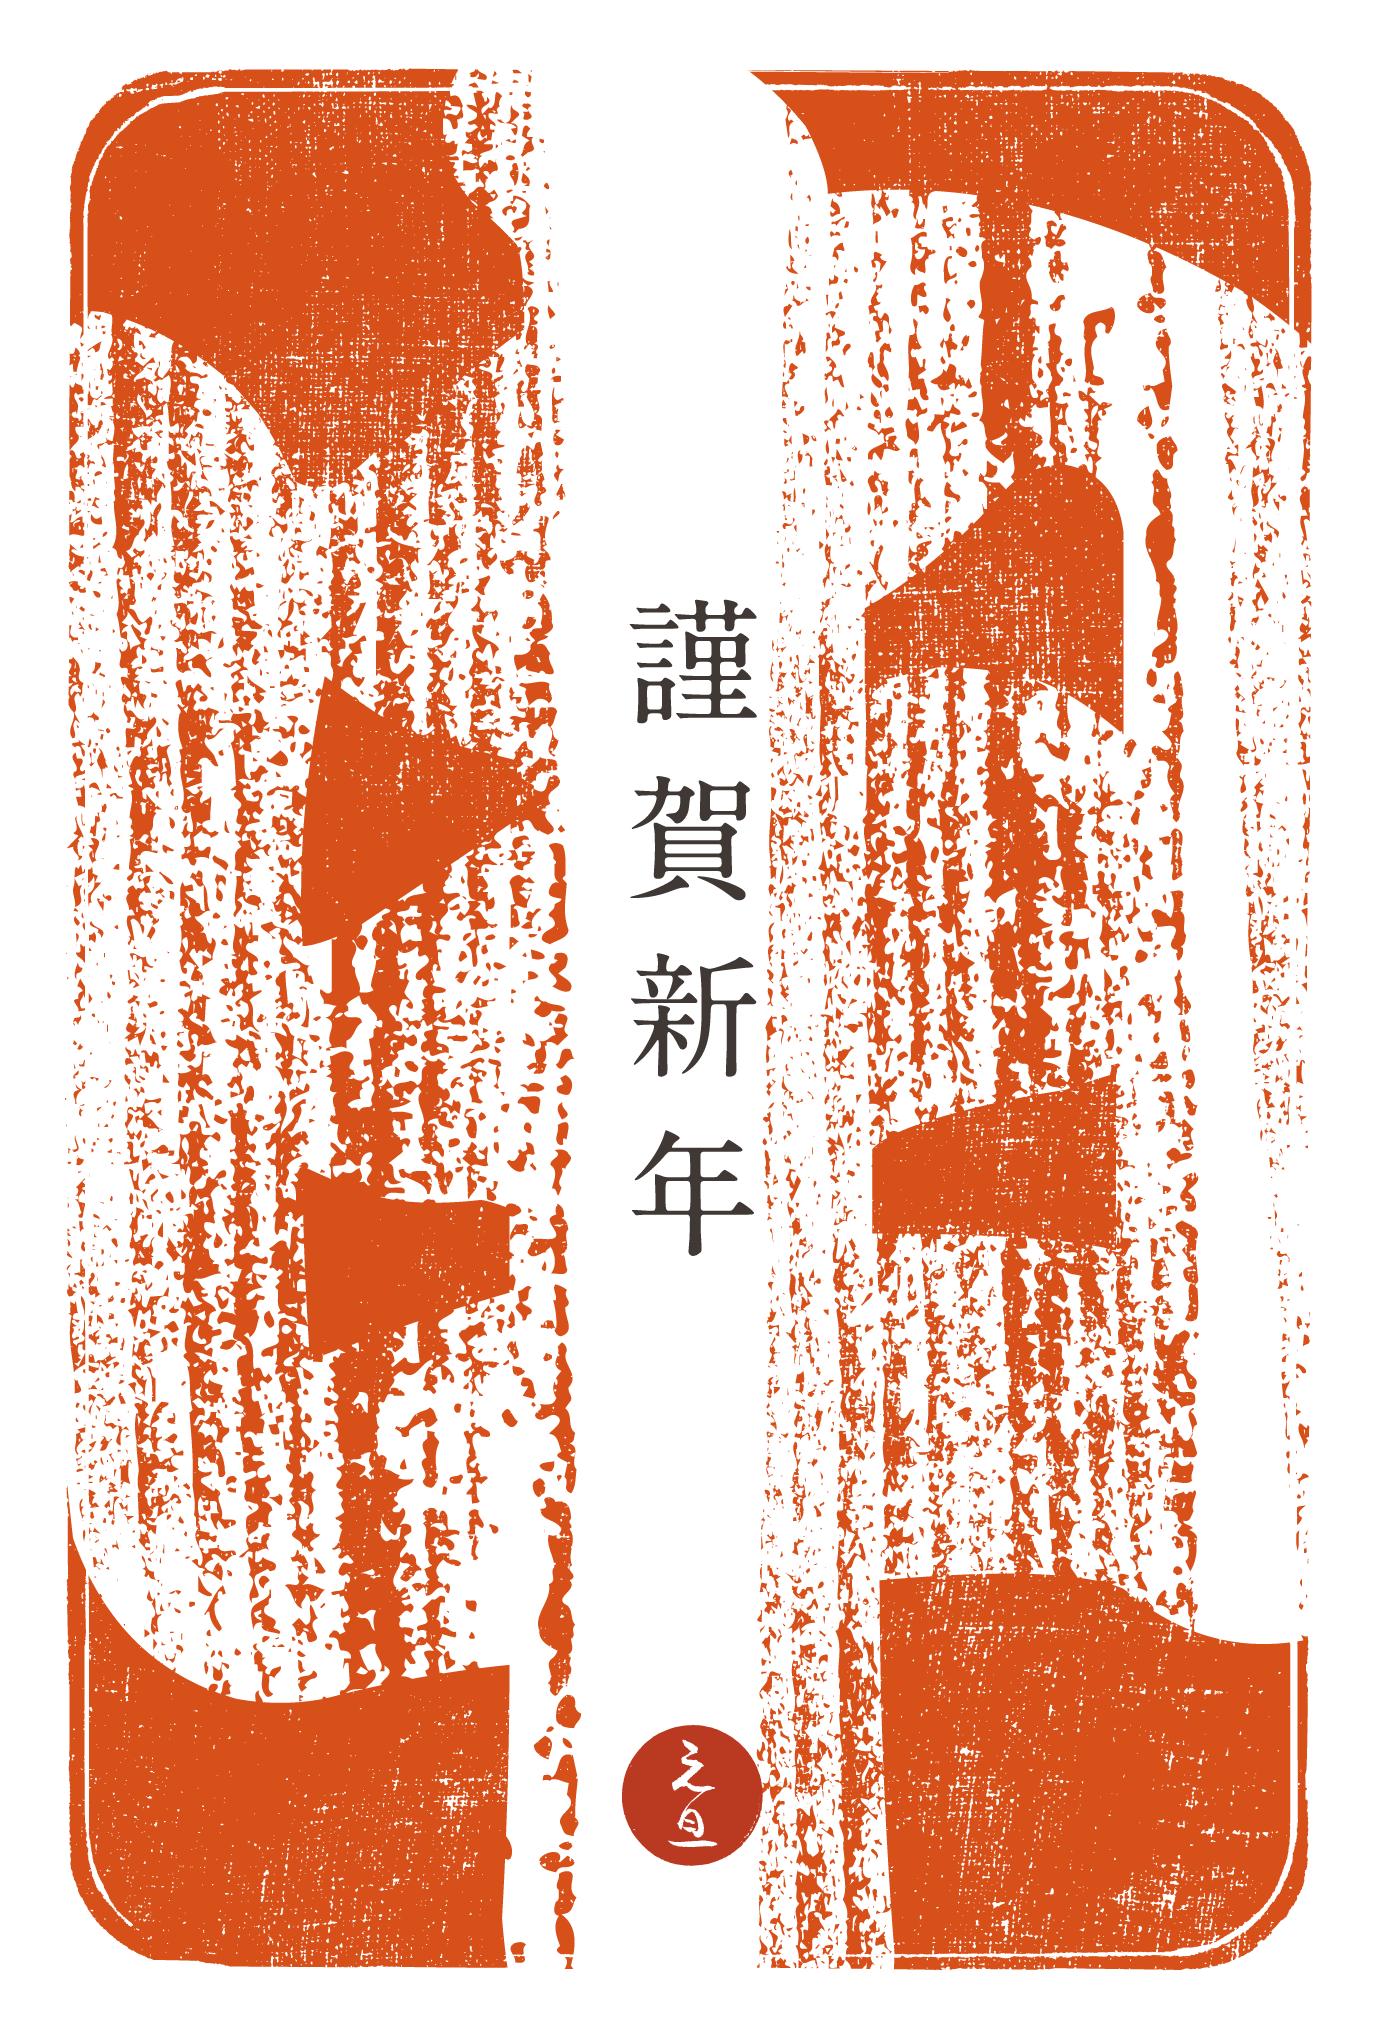 2016年賀状04-2:江戸勘亭流(申)緋色のダウンロード画像